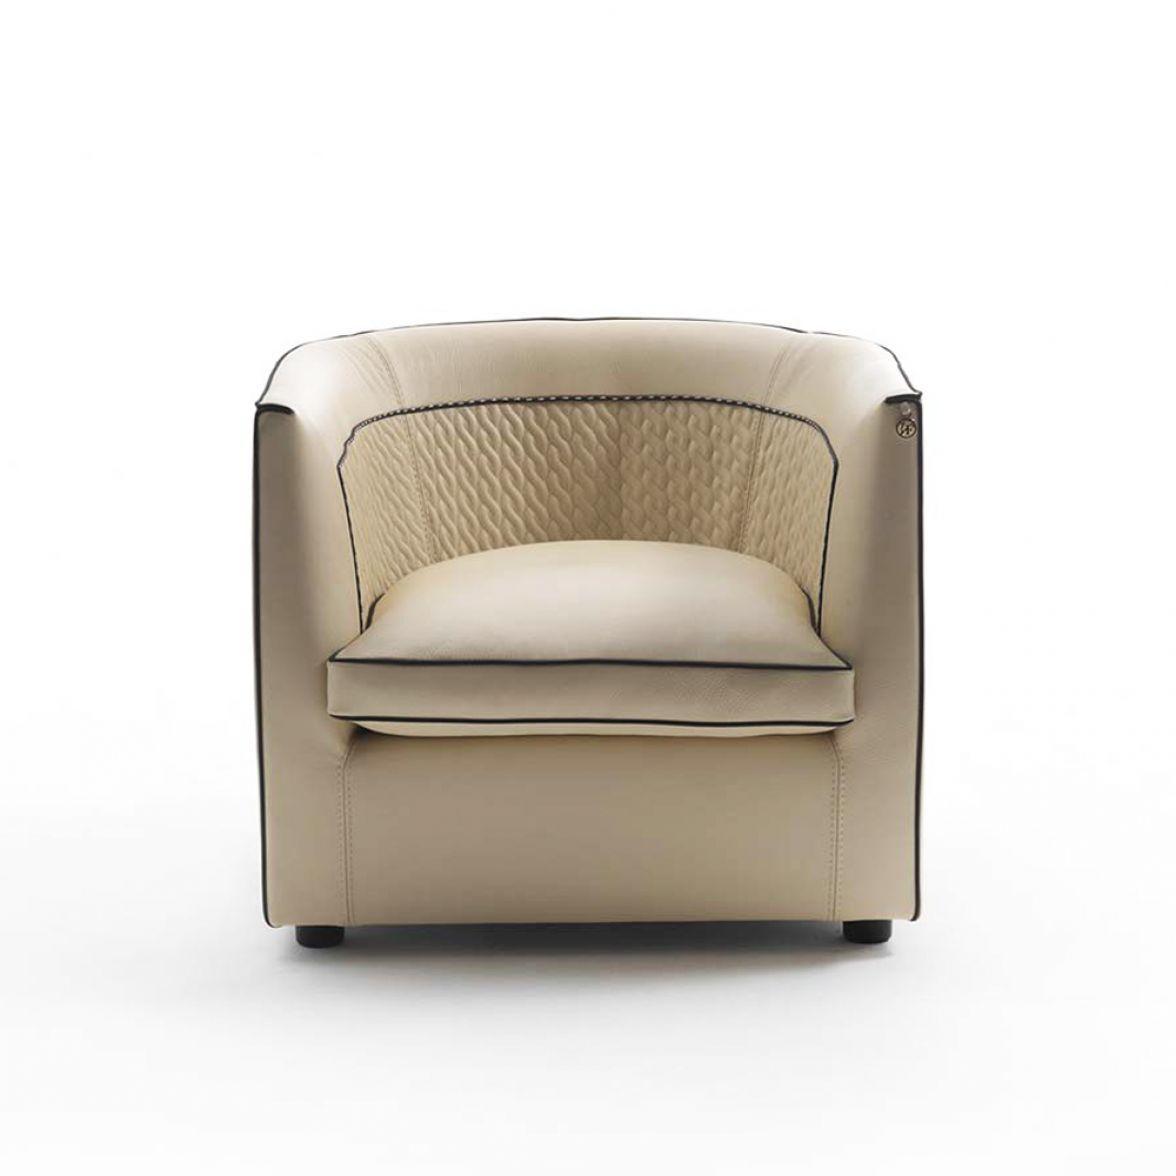 Lante armchair фото цена